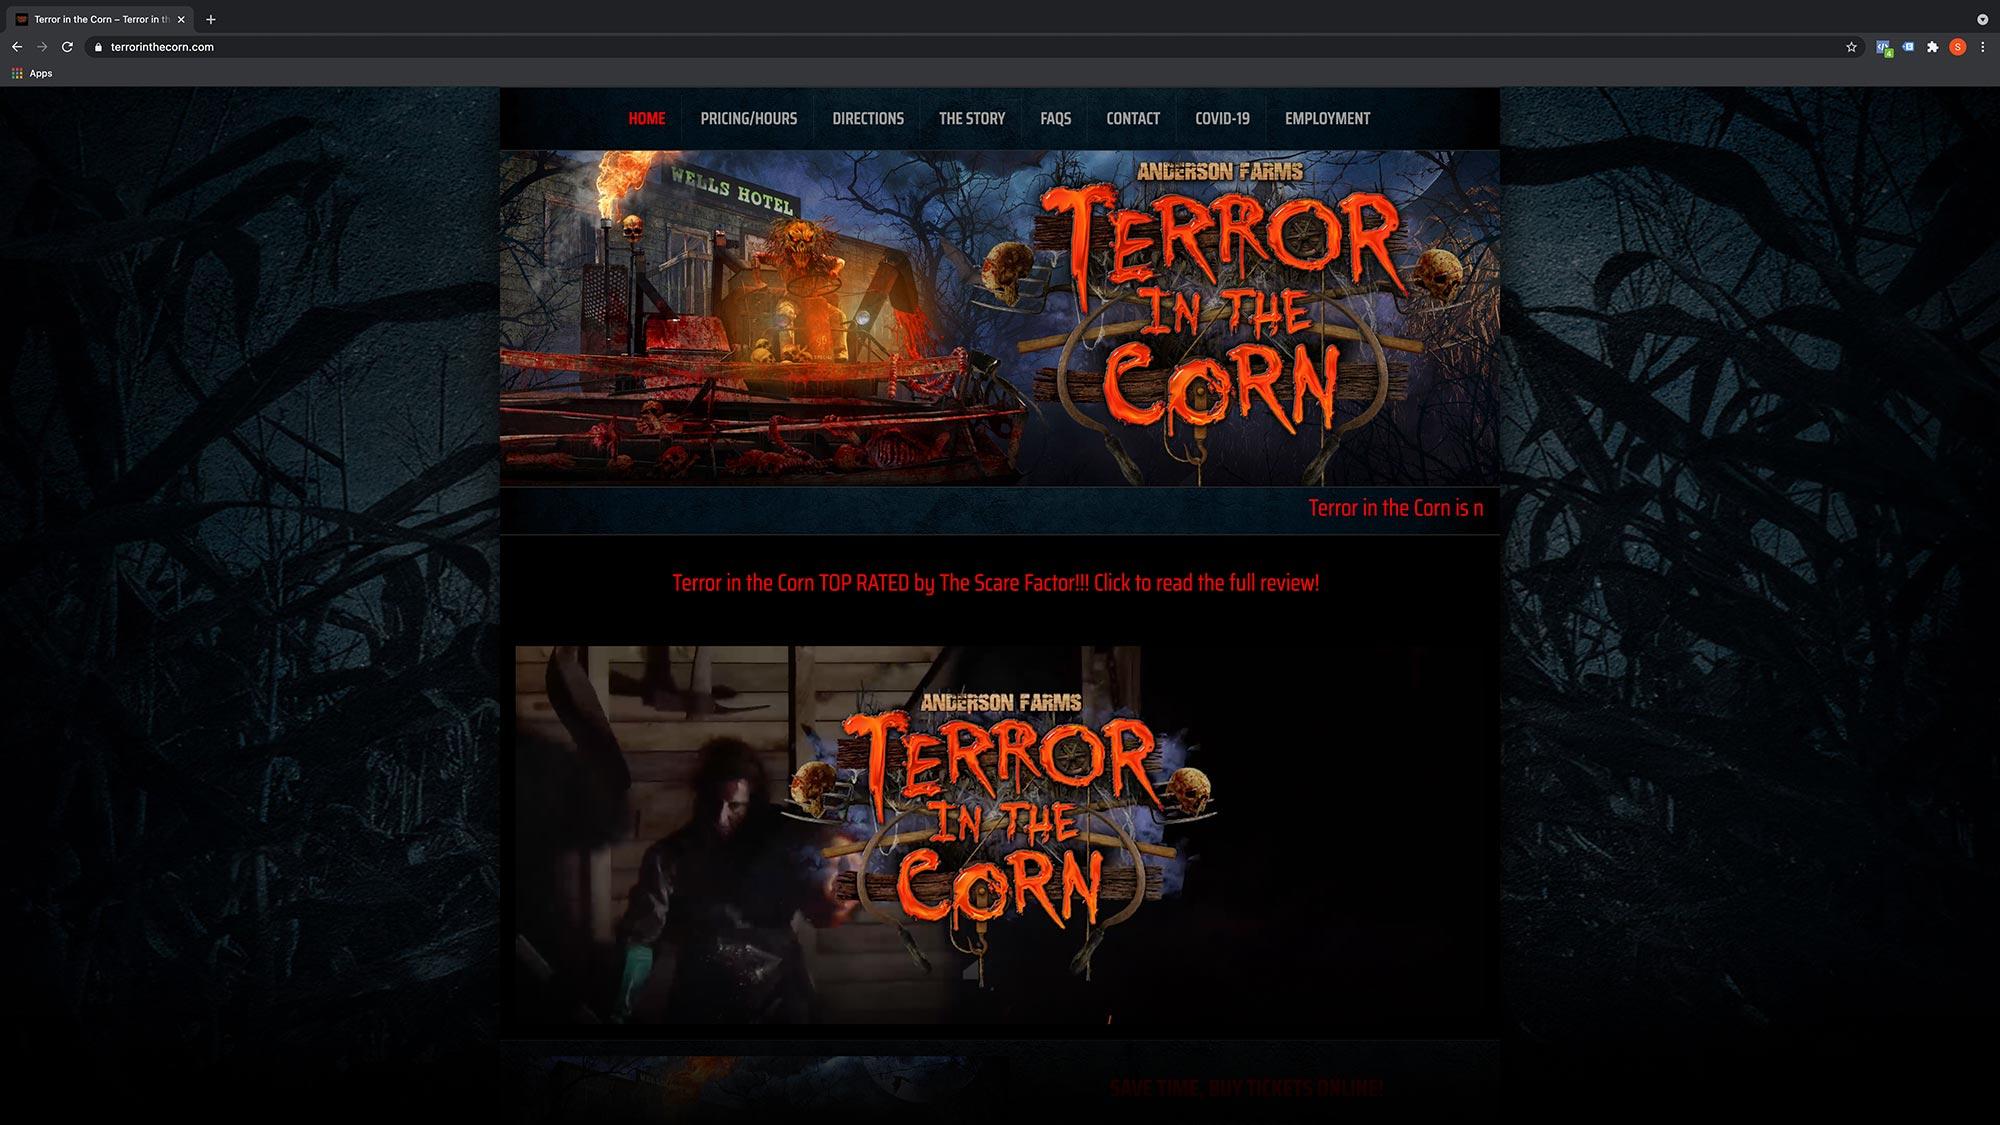 terrorinthecorn.com